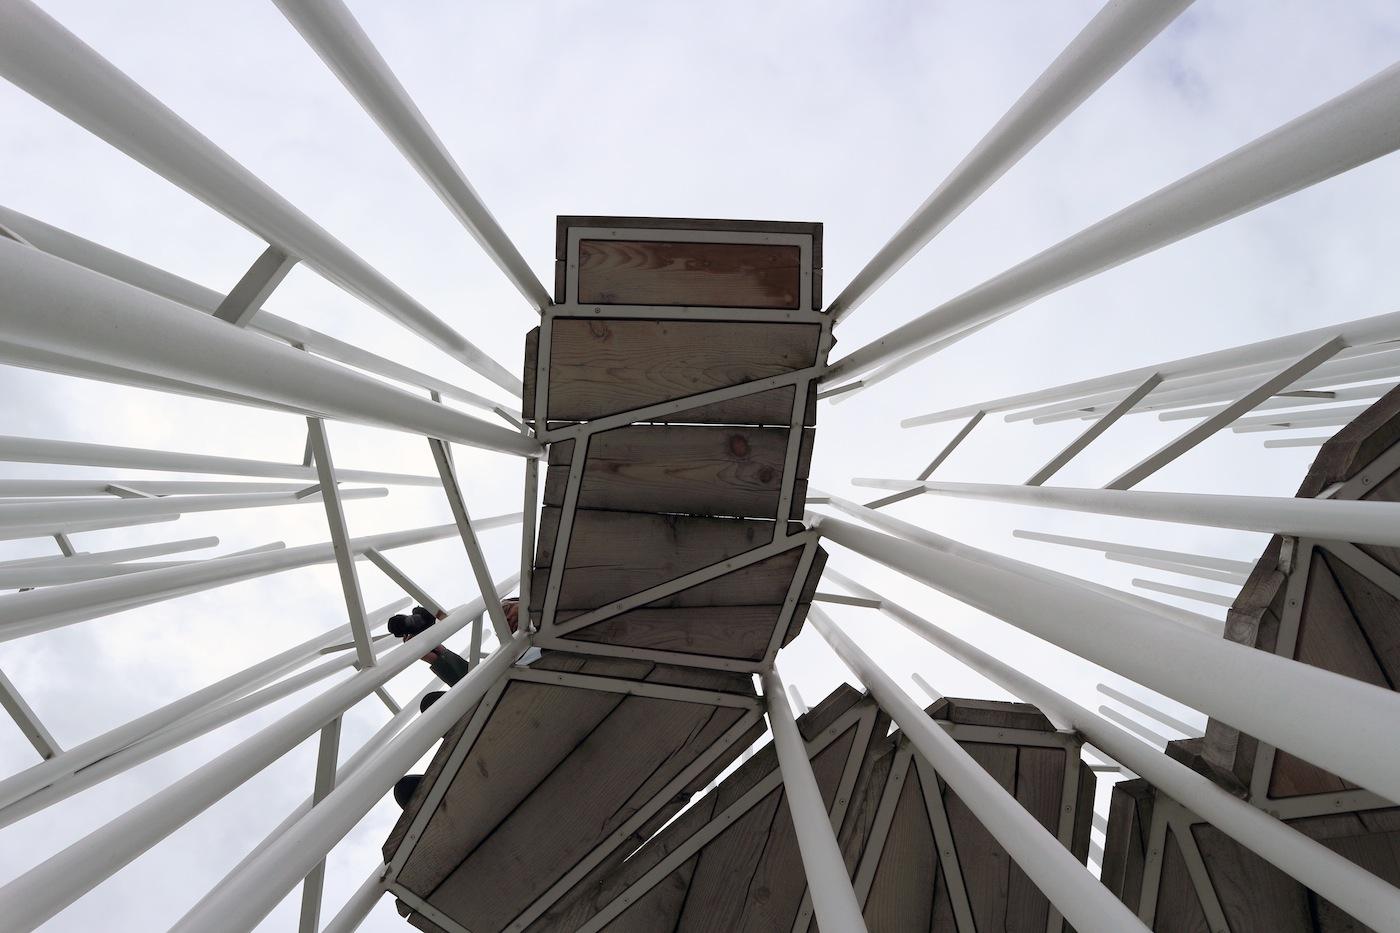 BUS:STOP Bränden. Das Wartehaus in Bränden ist gar keins, sondern eine offene Struktur aus dünnen Pfeilern (Umsetzung durch Eberle Metall Exclusiv Hittisau sowie lokalen Handwerkern) mit einer Stiege, die zu einem Podest hoch über der Straße führt. Von der Plattform lässt sich die Fujimoto-Philosophie, die Raum, Natur, Kunst und Architektur verbindet, am besten verstehen. Was für ein Weitblick!